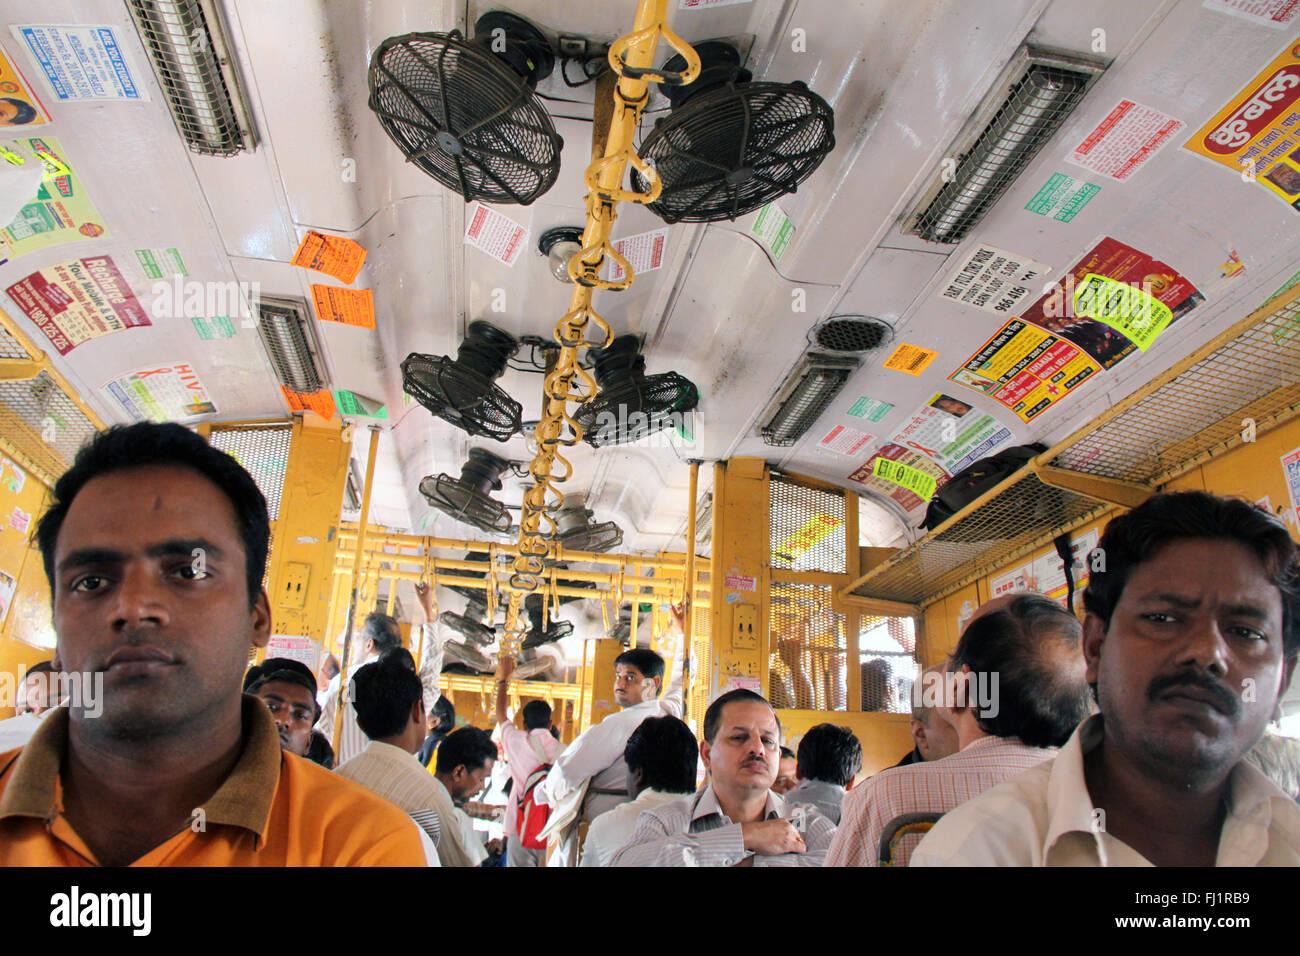 Personnes passagers à l'intérieur de réseau express régional à Mumbai, Bombay, Inde Banque D'Images